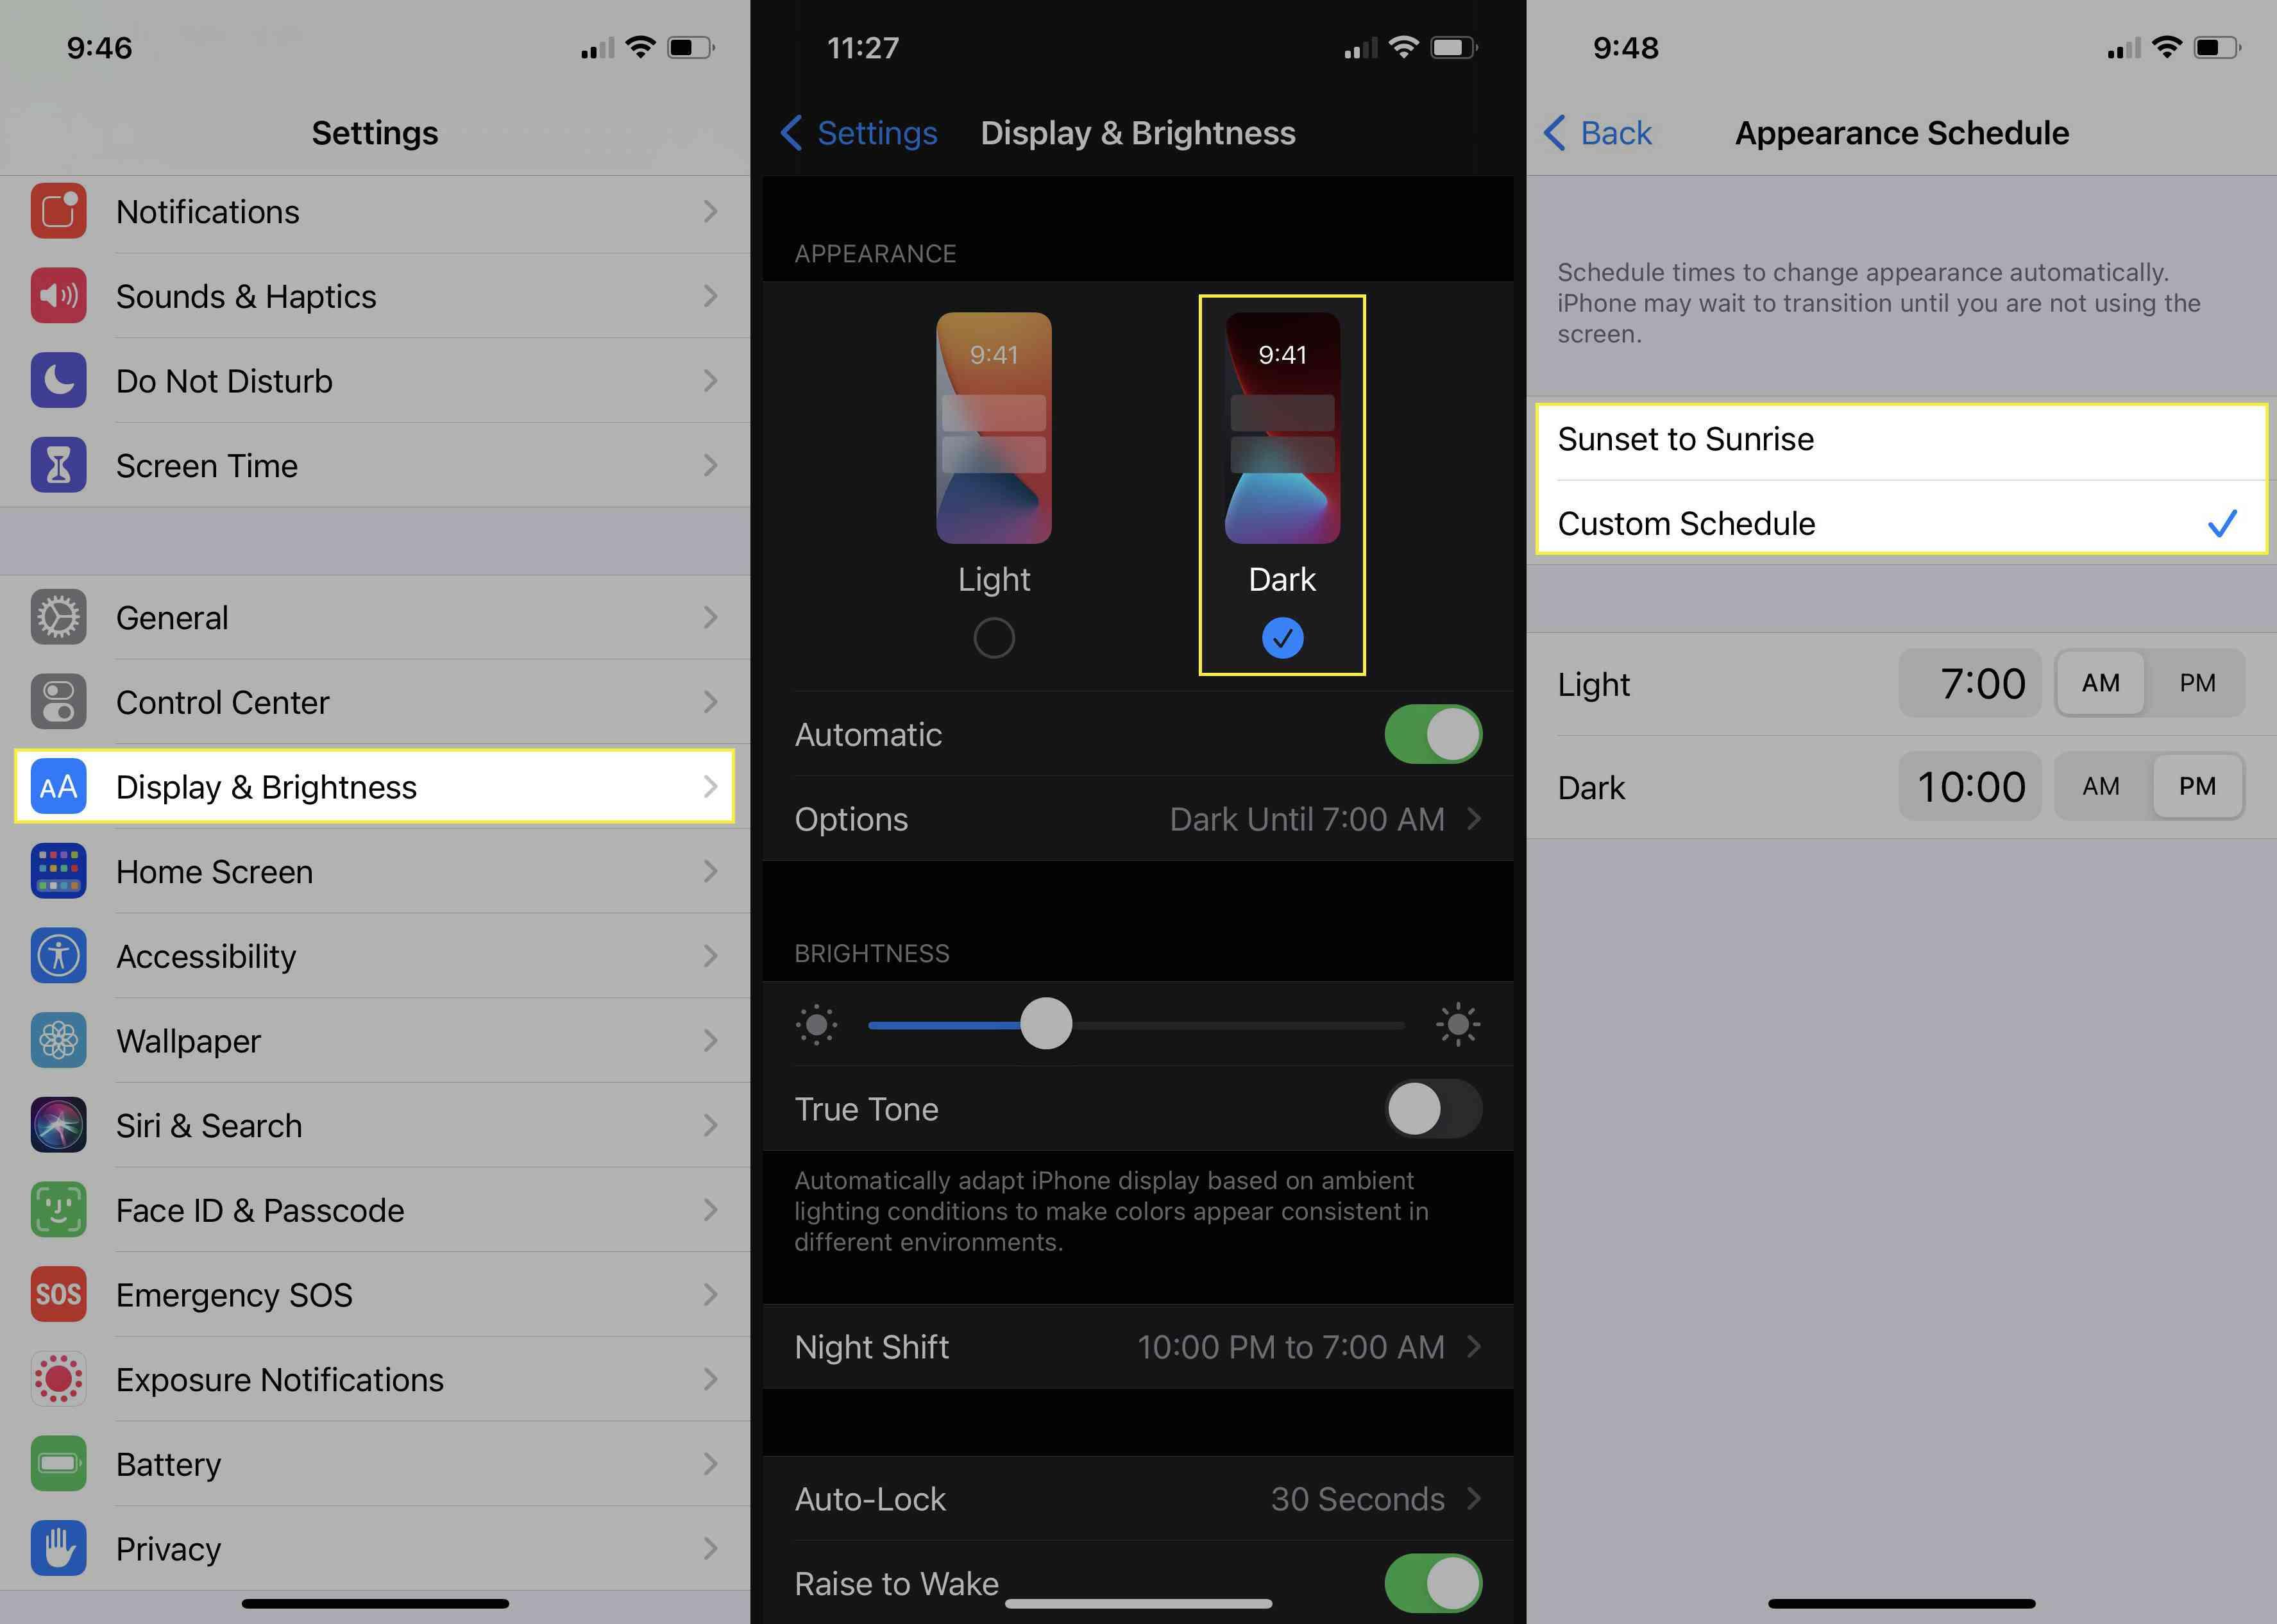 Enabling Dark Mode on iOS.